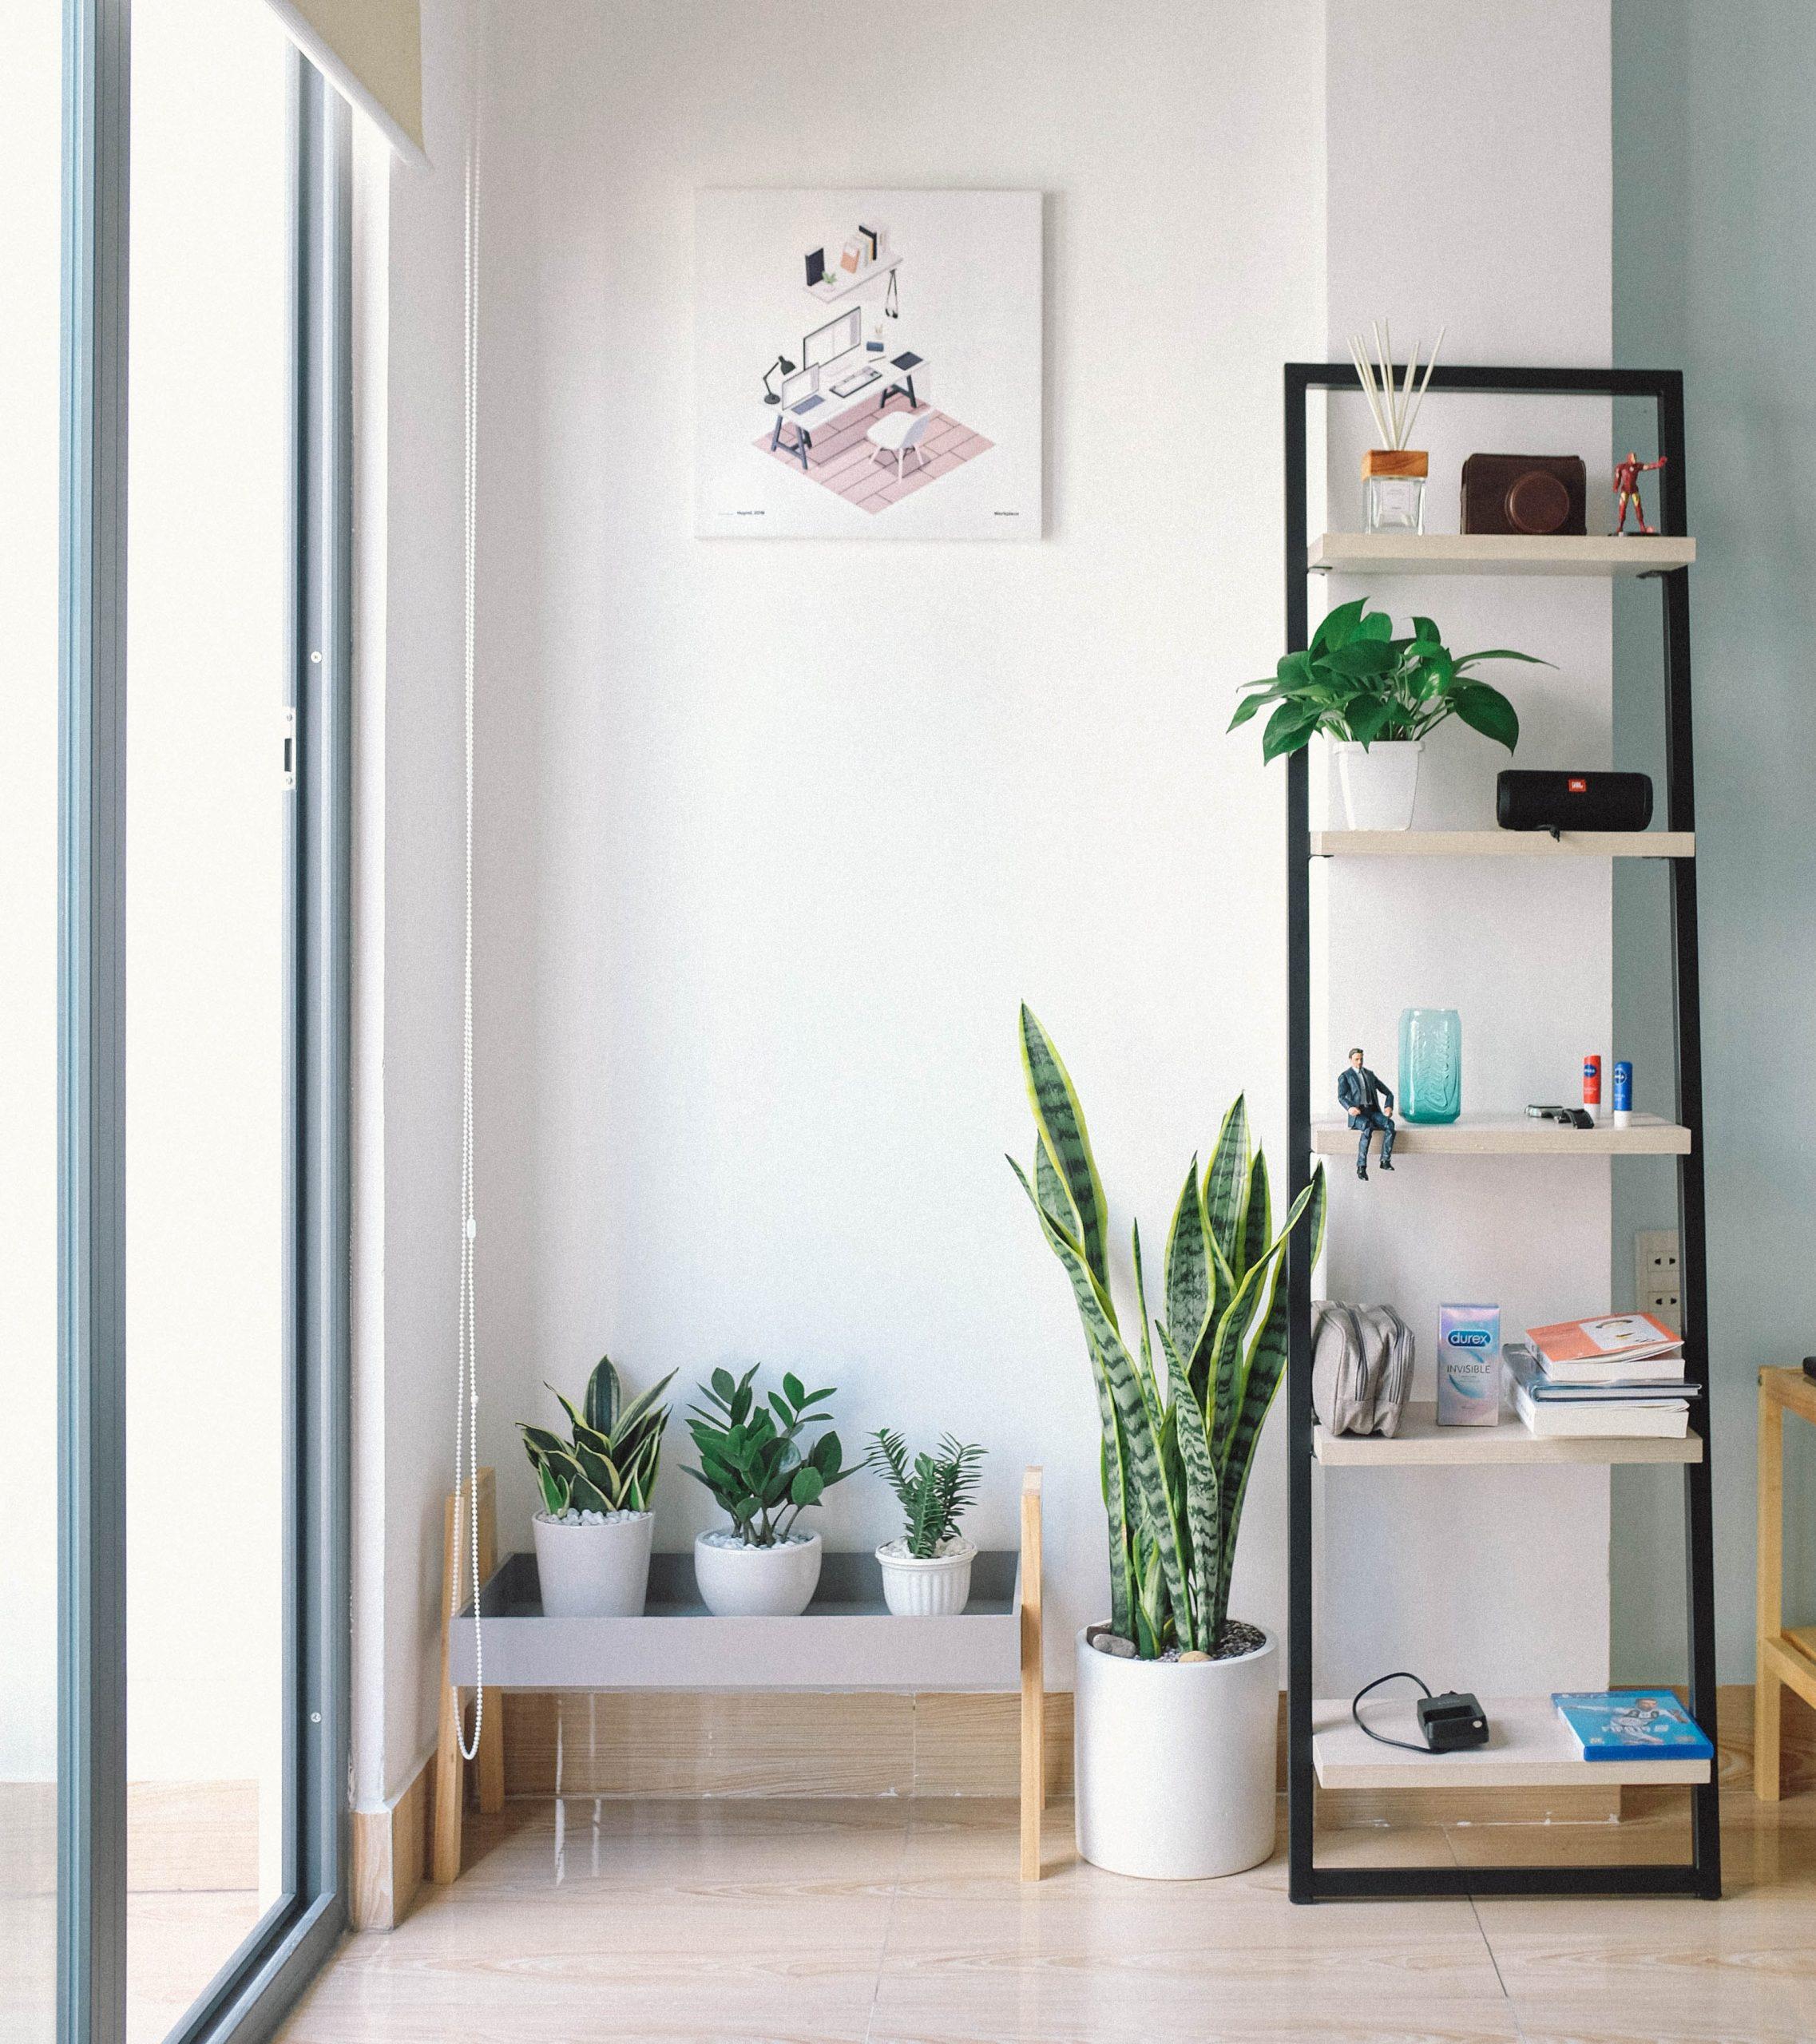 L_importance_d_avoir_des_plantes_dans_chaque_pièce_de_la_maison